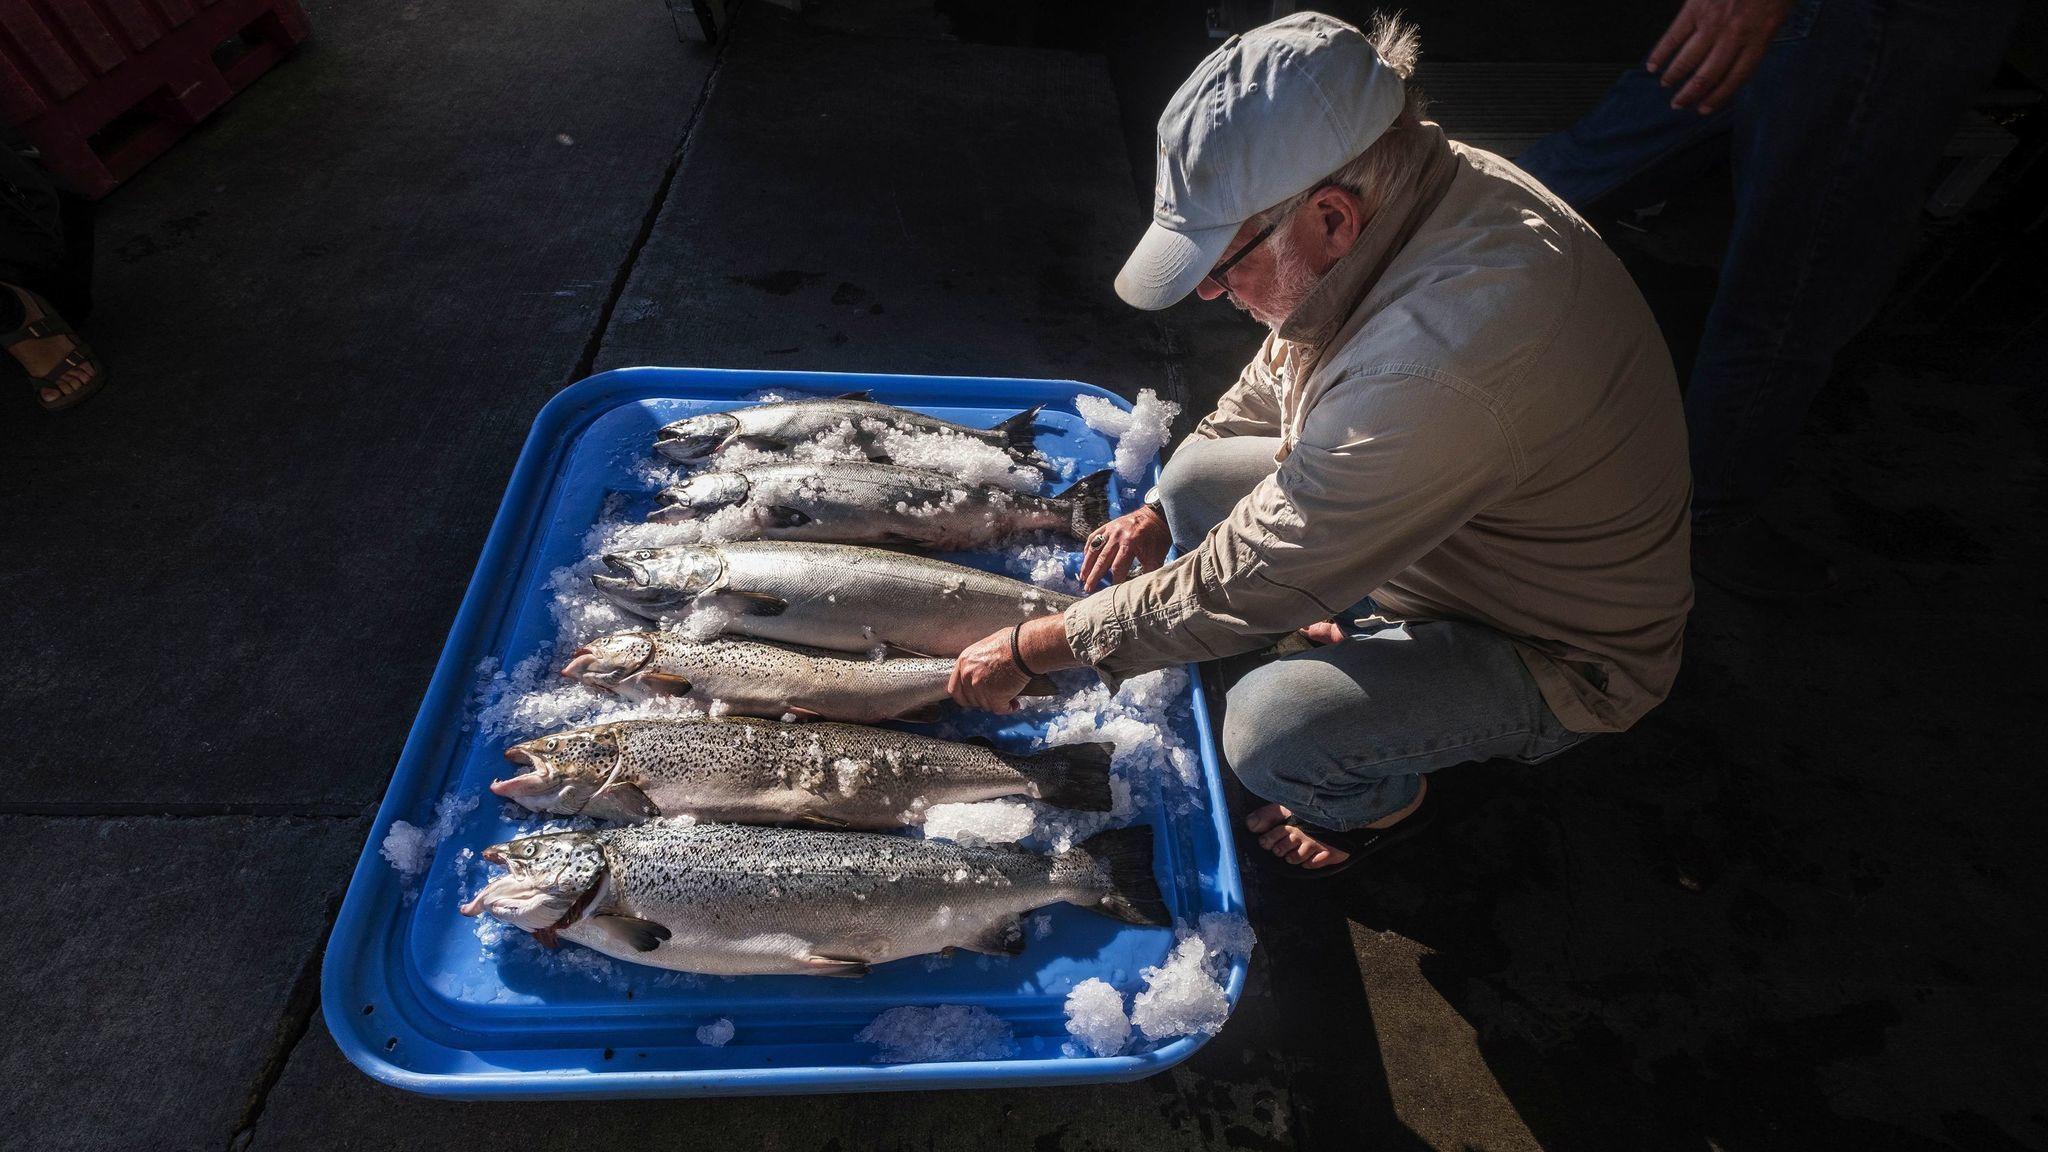 More than 160,000 non-native Atlantic salmon escaped into Washington waters in fish farm accident